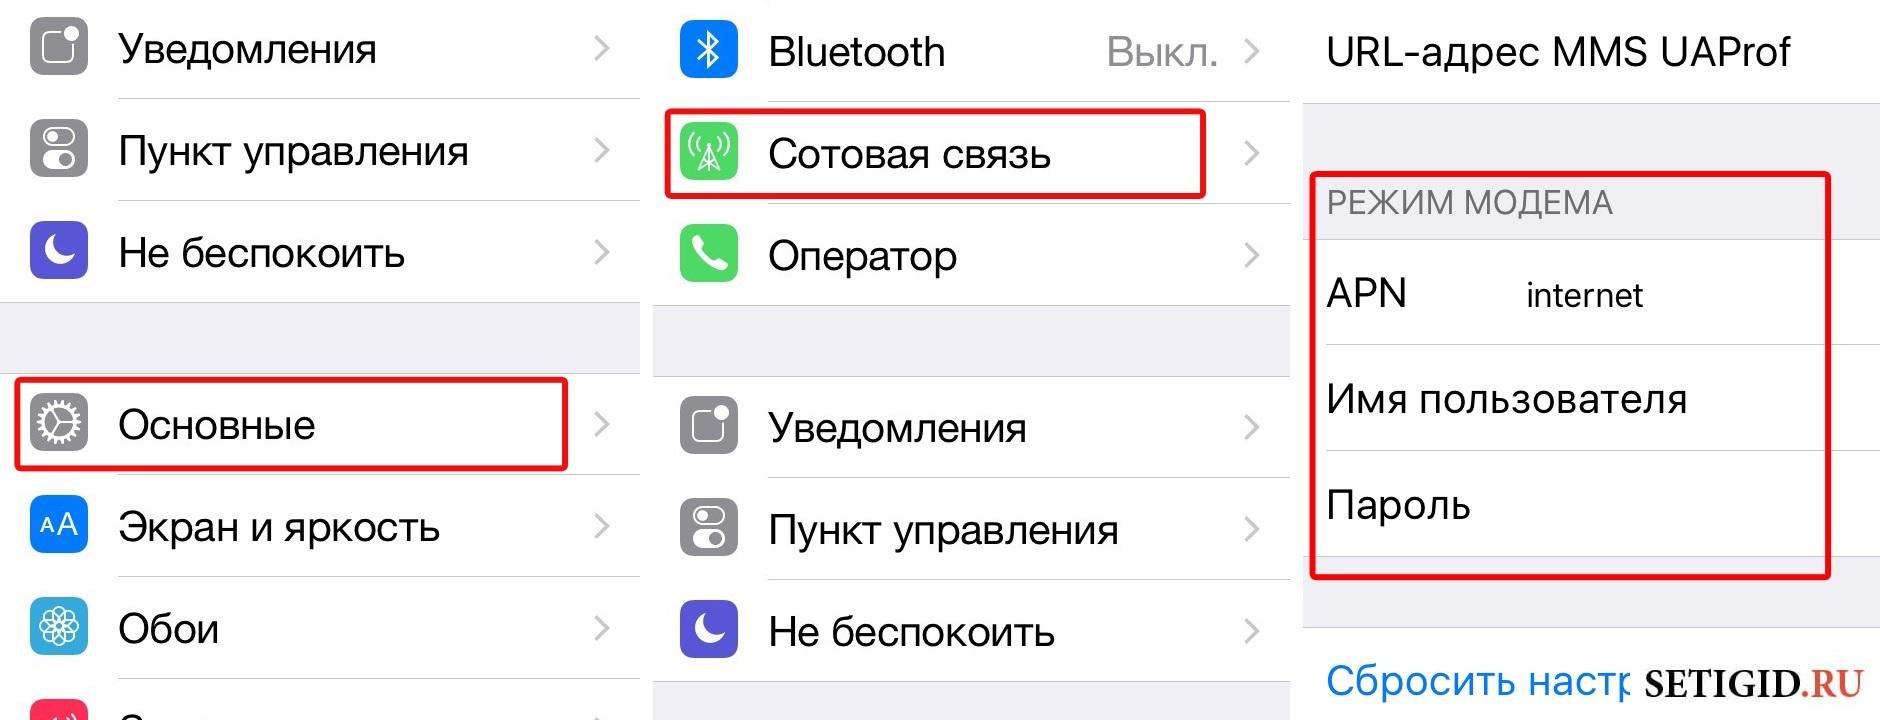 Настройки интернета Билайн вручную на Айфоне